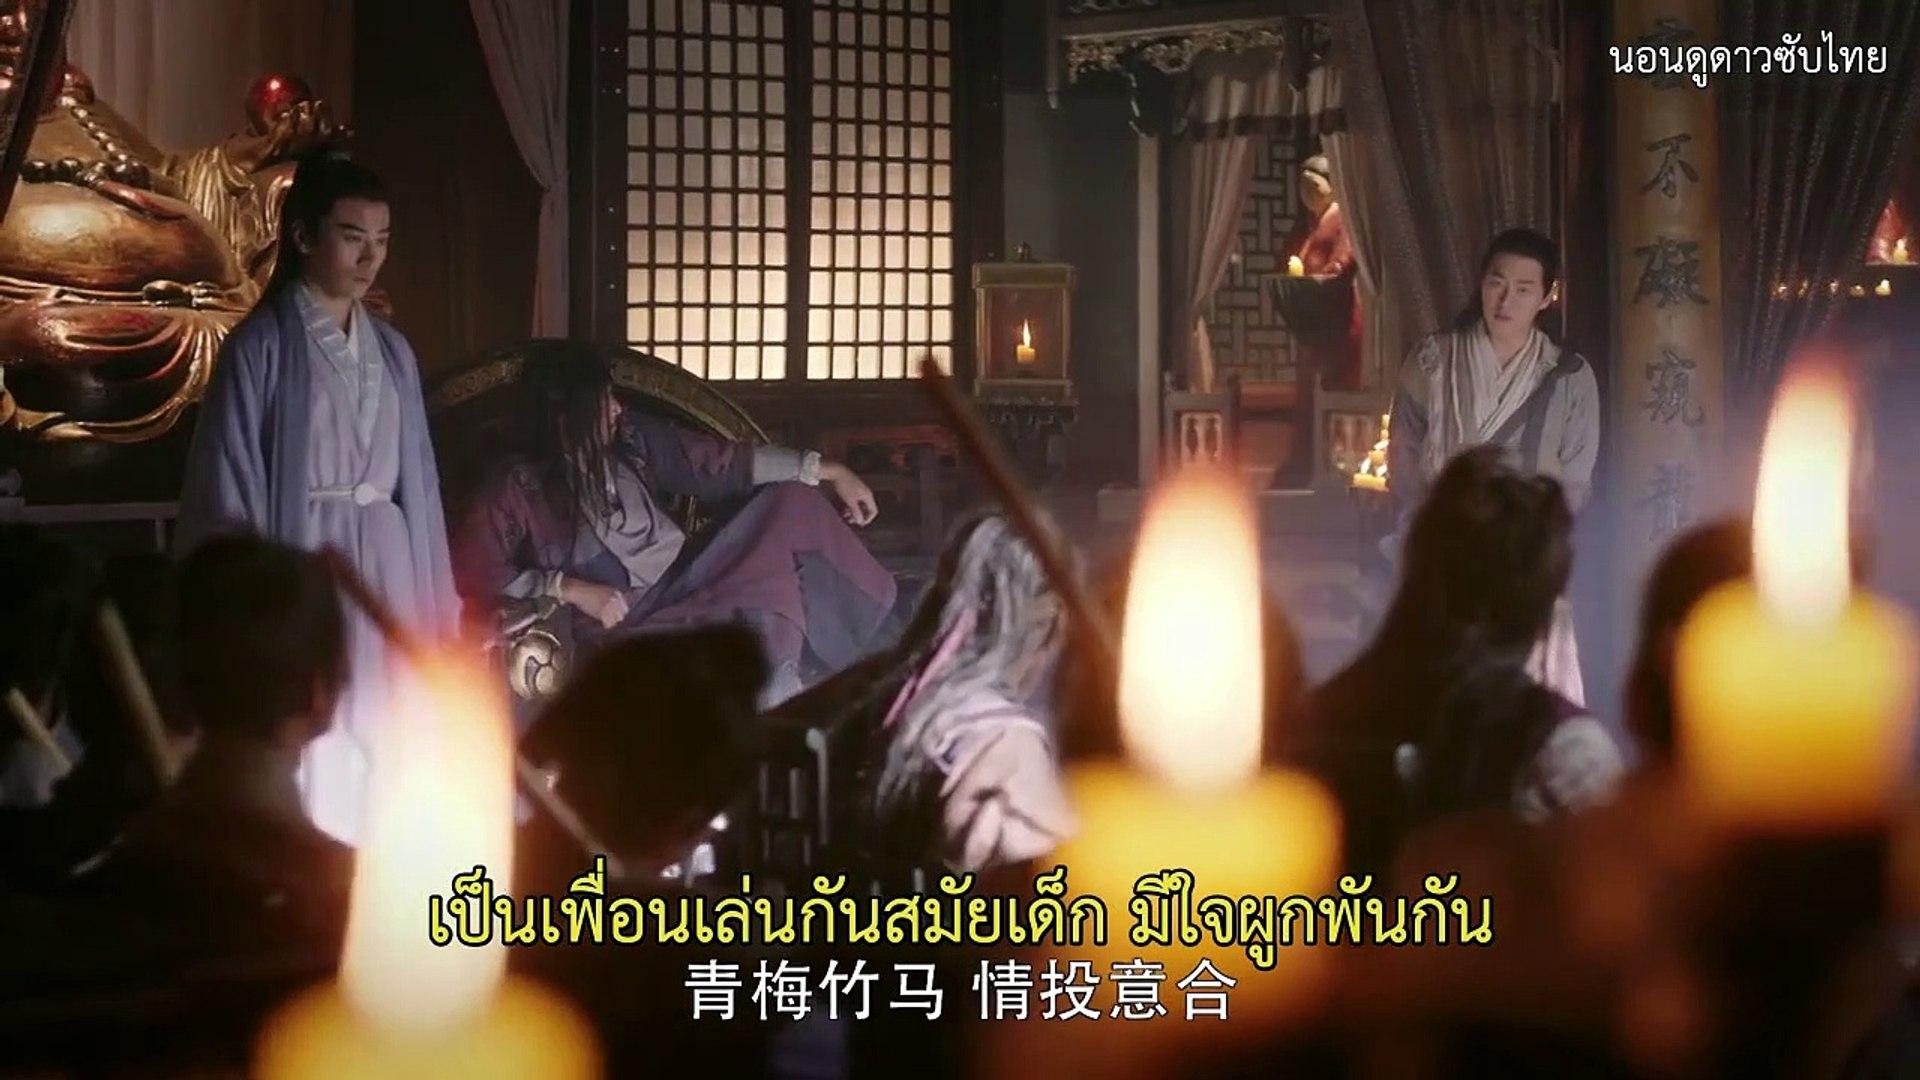 ดาบมังกรหยก2019 ซับไทย ตอนที่ 38